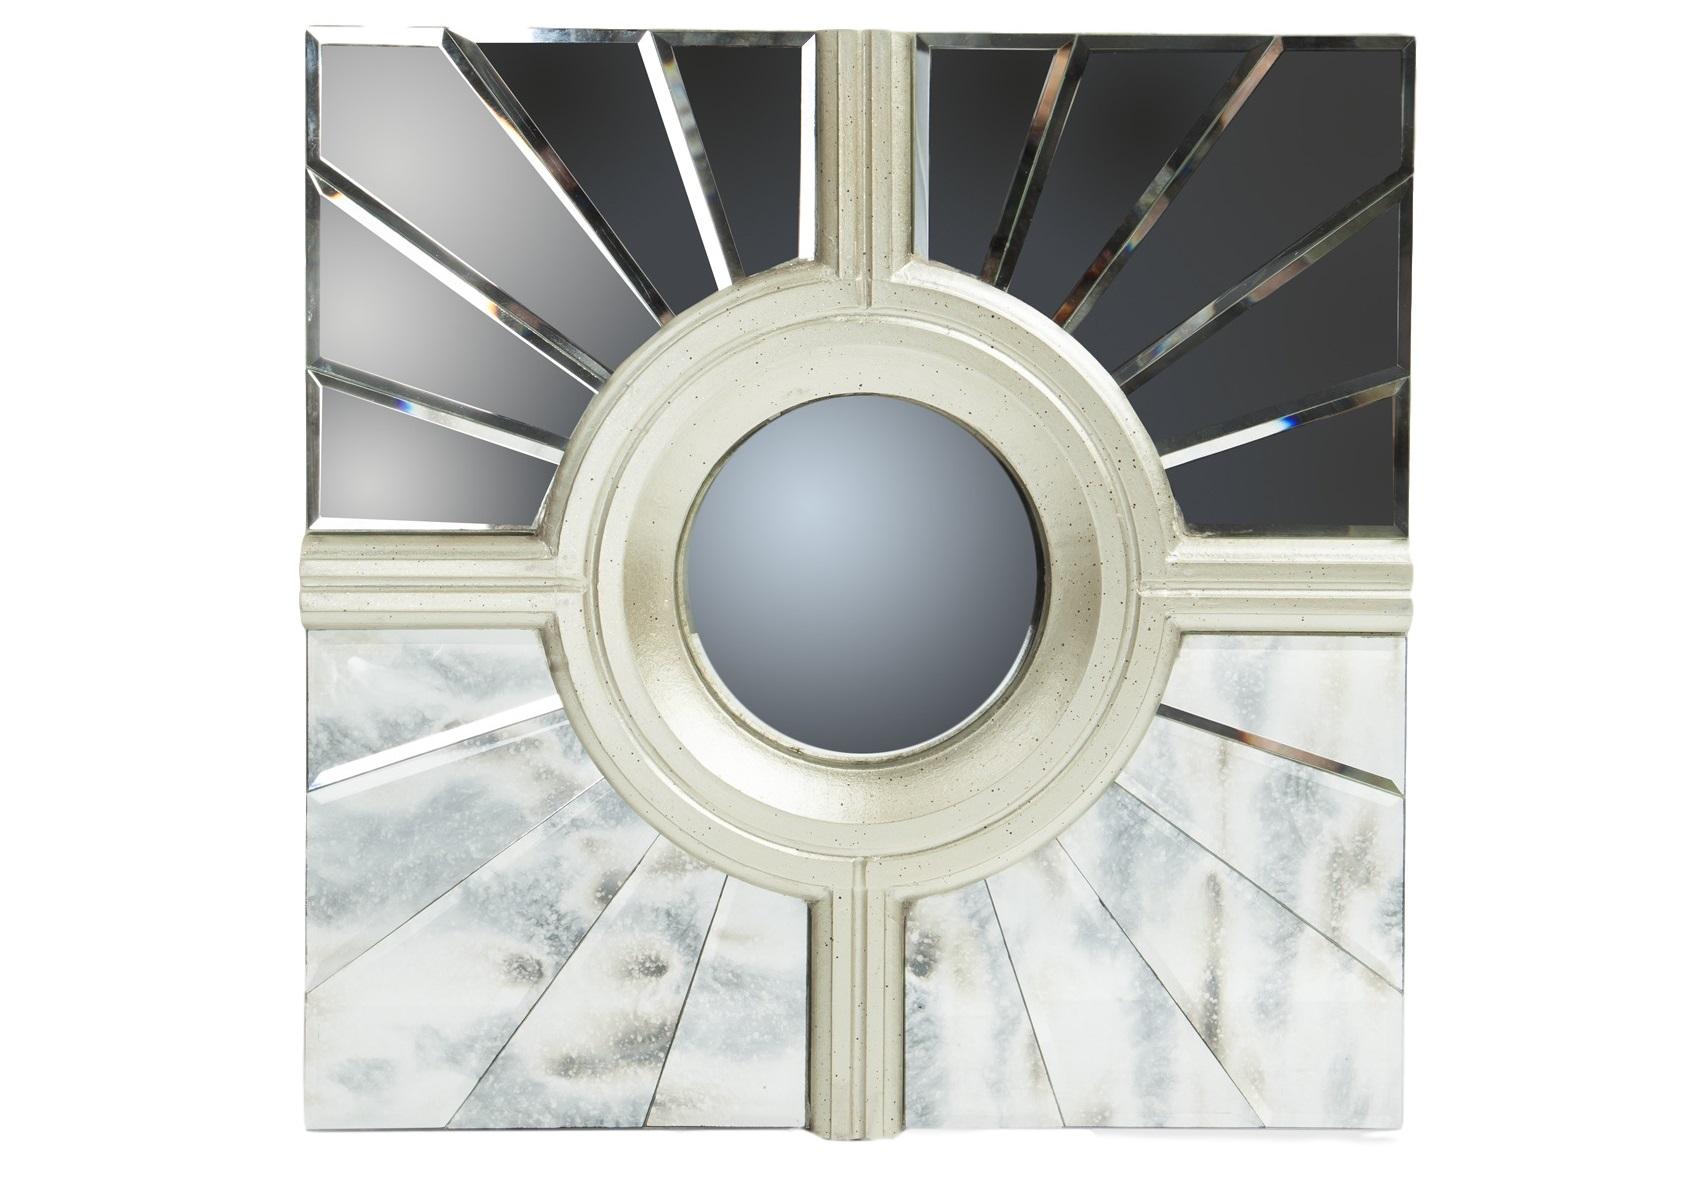 Зеркальный декорПанно<br>Настенный декор в квадратной раме, декорированной вставками из зеркального стекла. В центре круглое выпуклое зеркало.<br><br>Material: Стекло<br>Ширина см: 48<br>Высота см: 48<br>Глубина см: 3